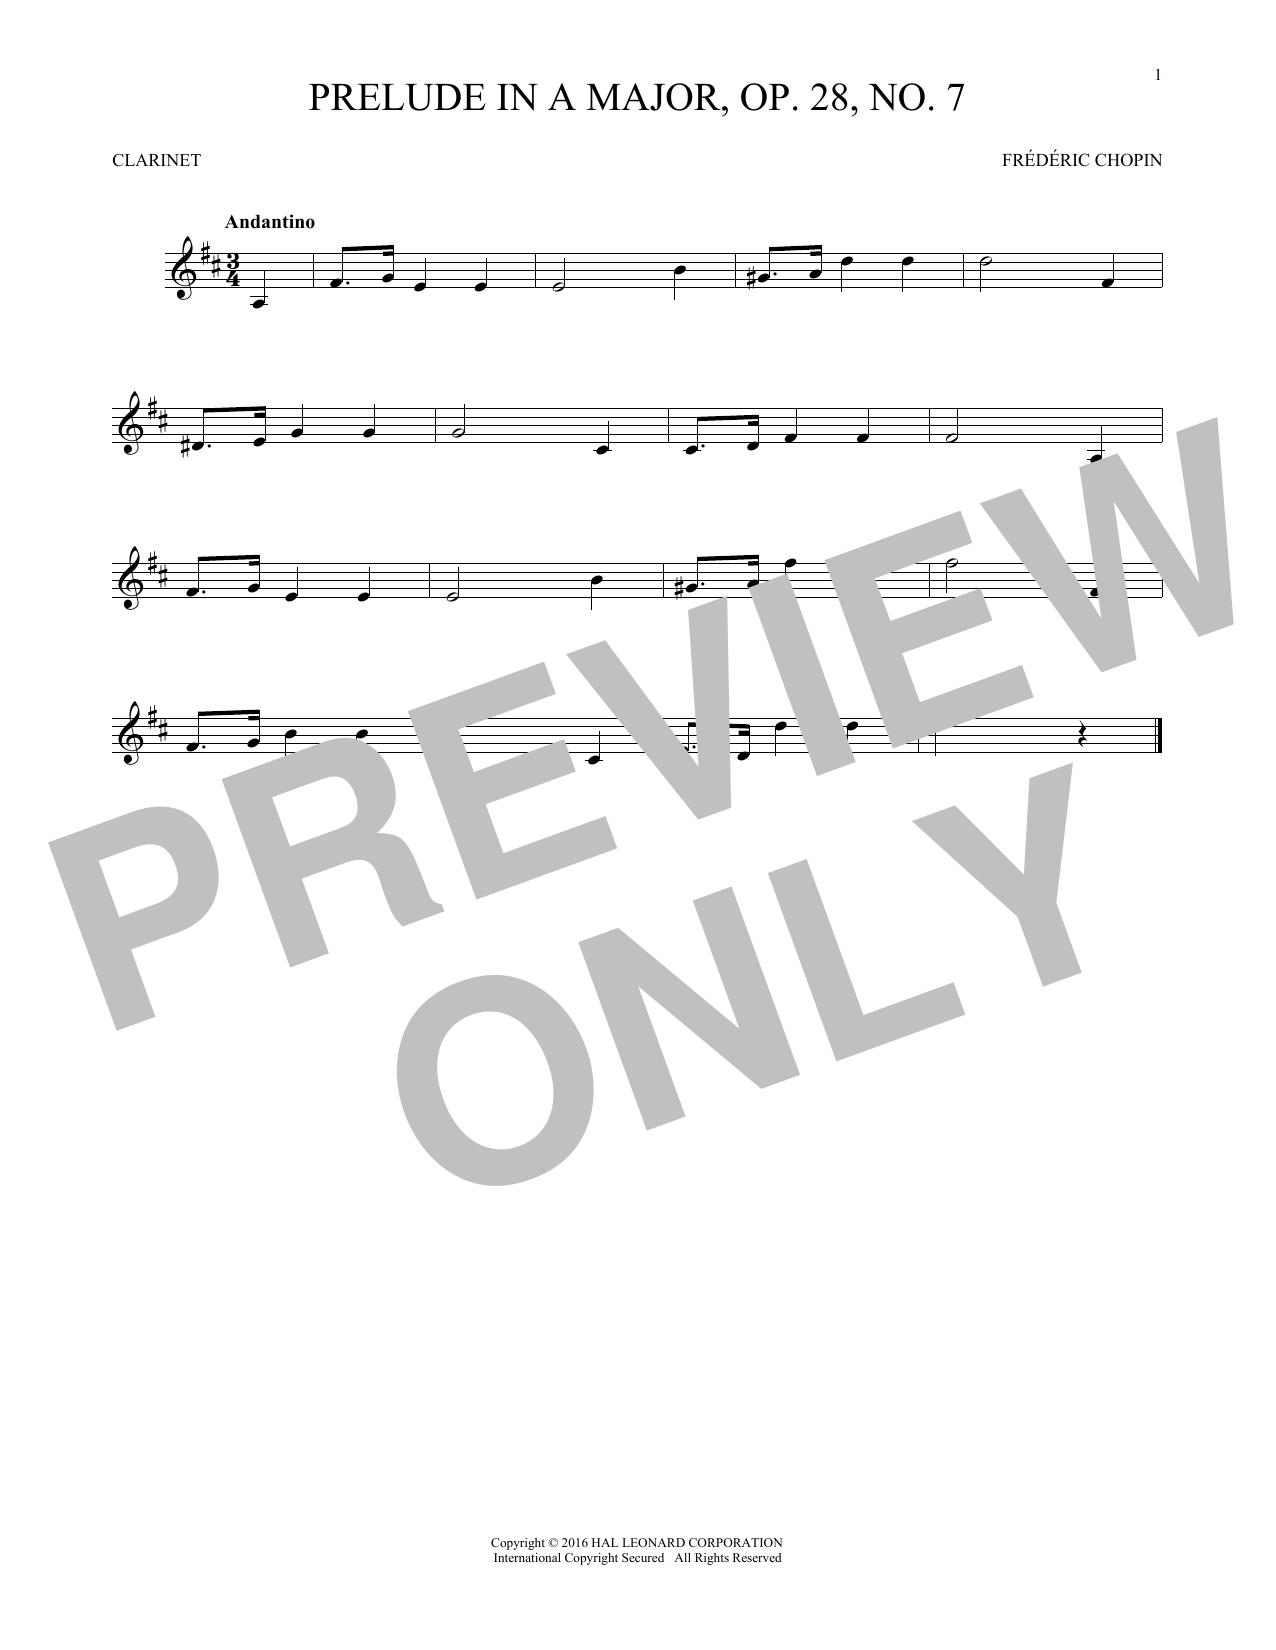 Prelude In A Major, Op. 28, No. 7 (Clarinet Solo)